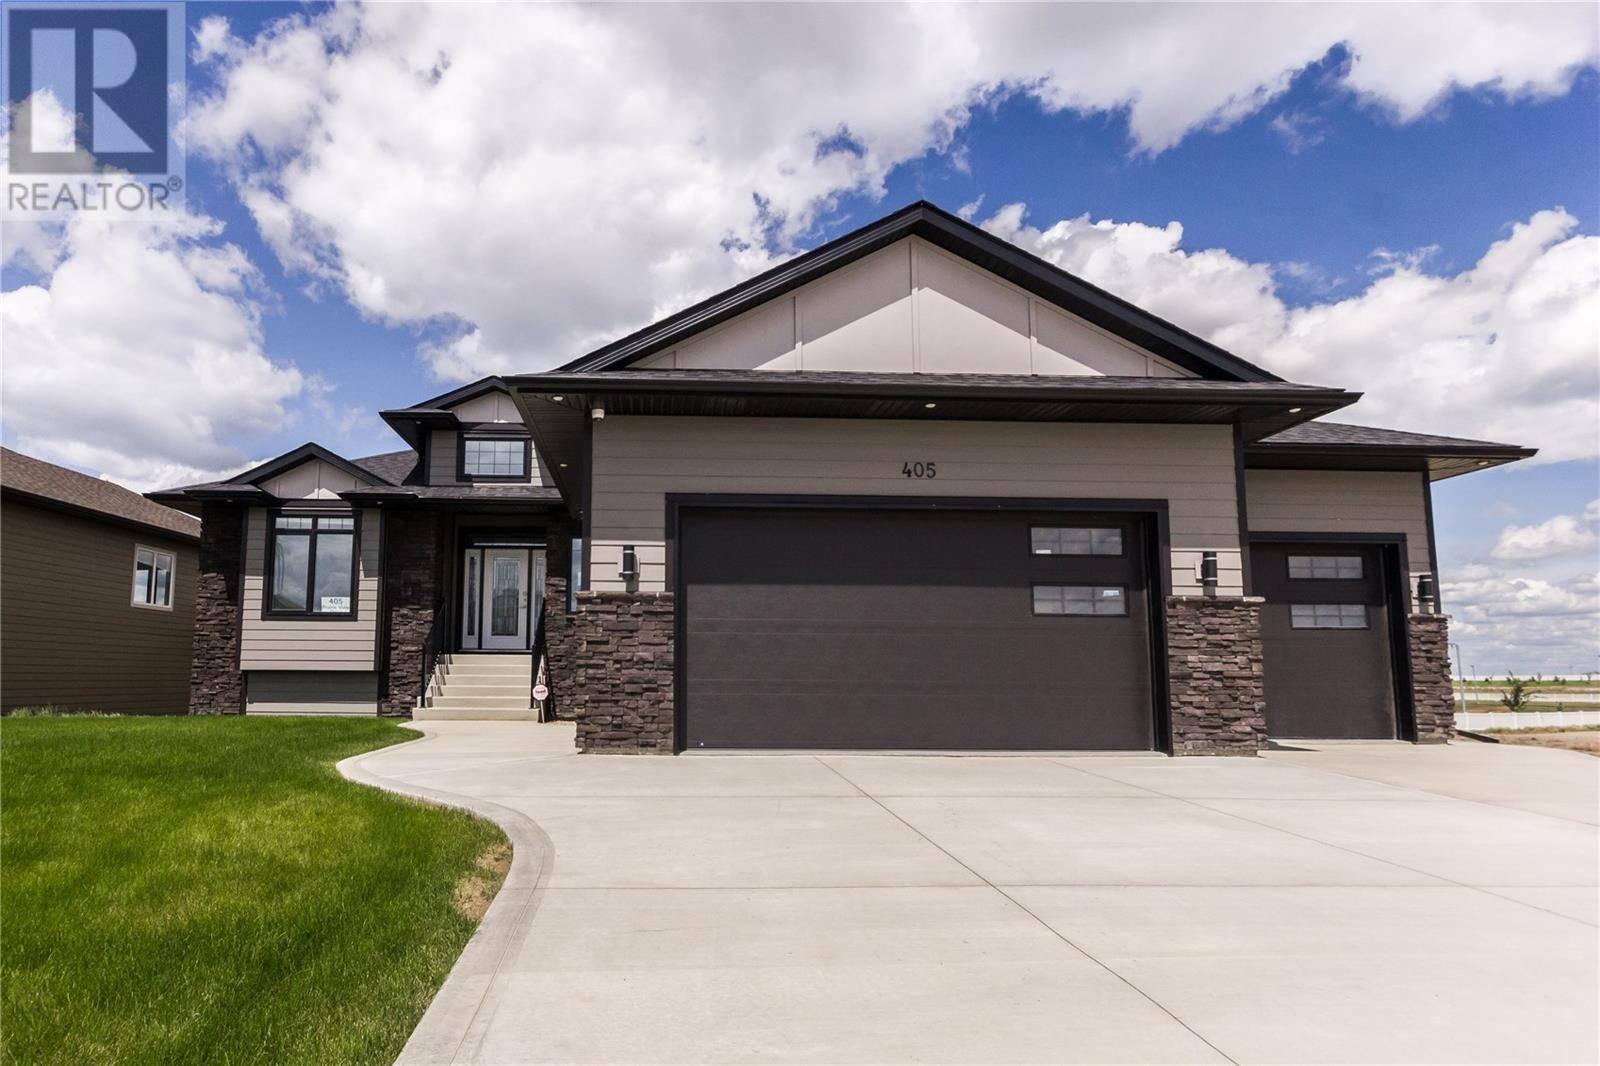 House for sale at 405 Prairie View Dr Dundurn Saskatchewan - MLS: SK764041